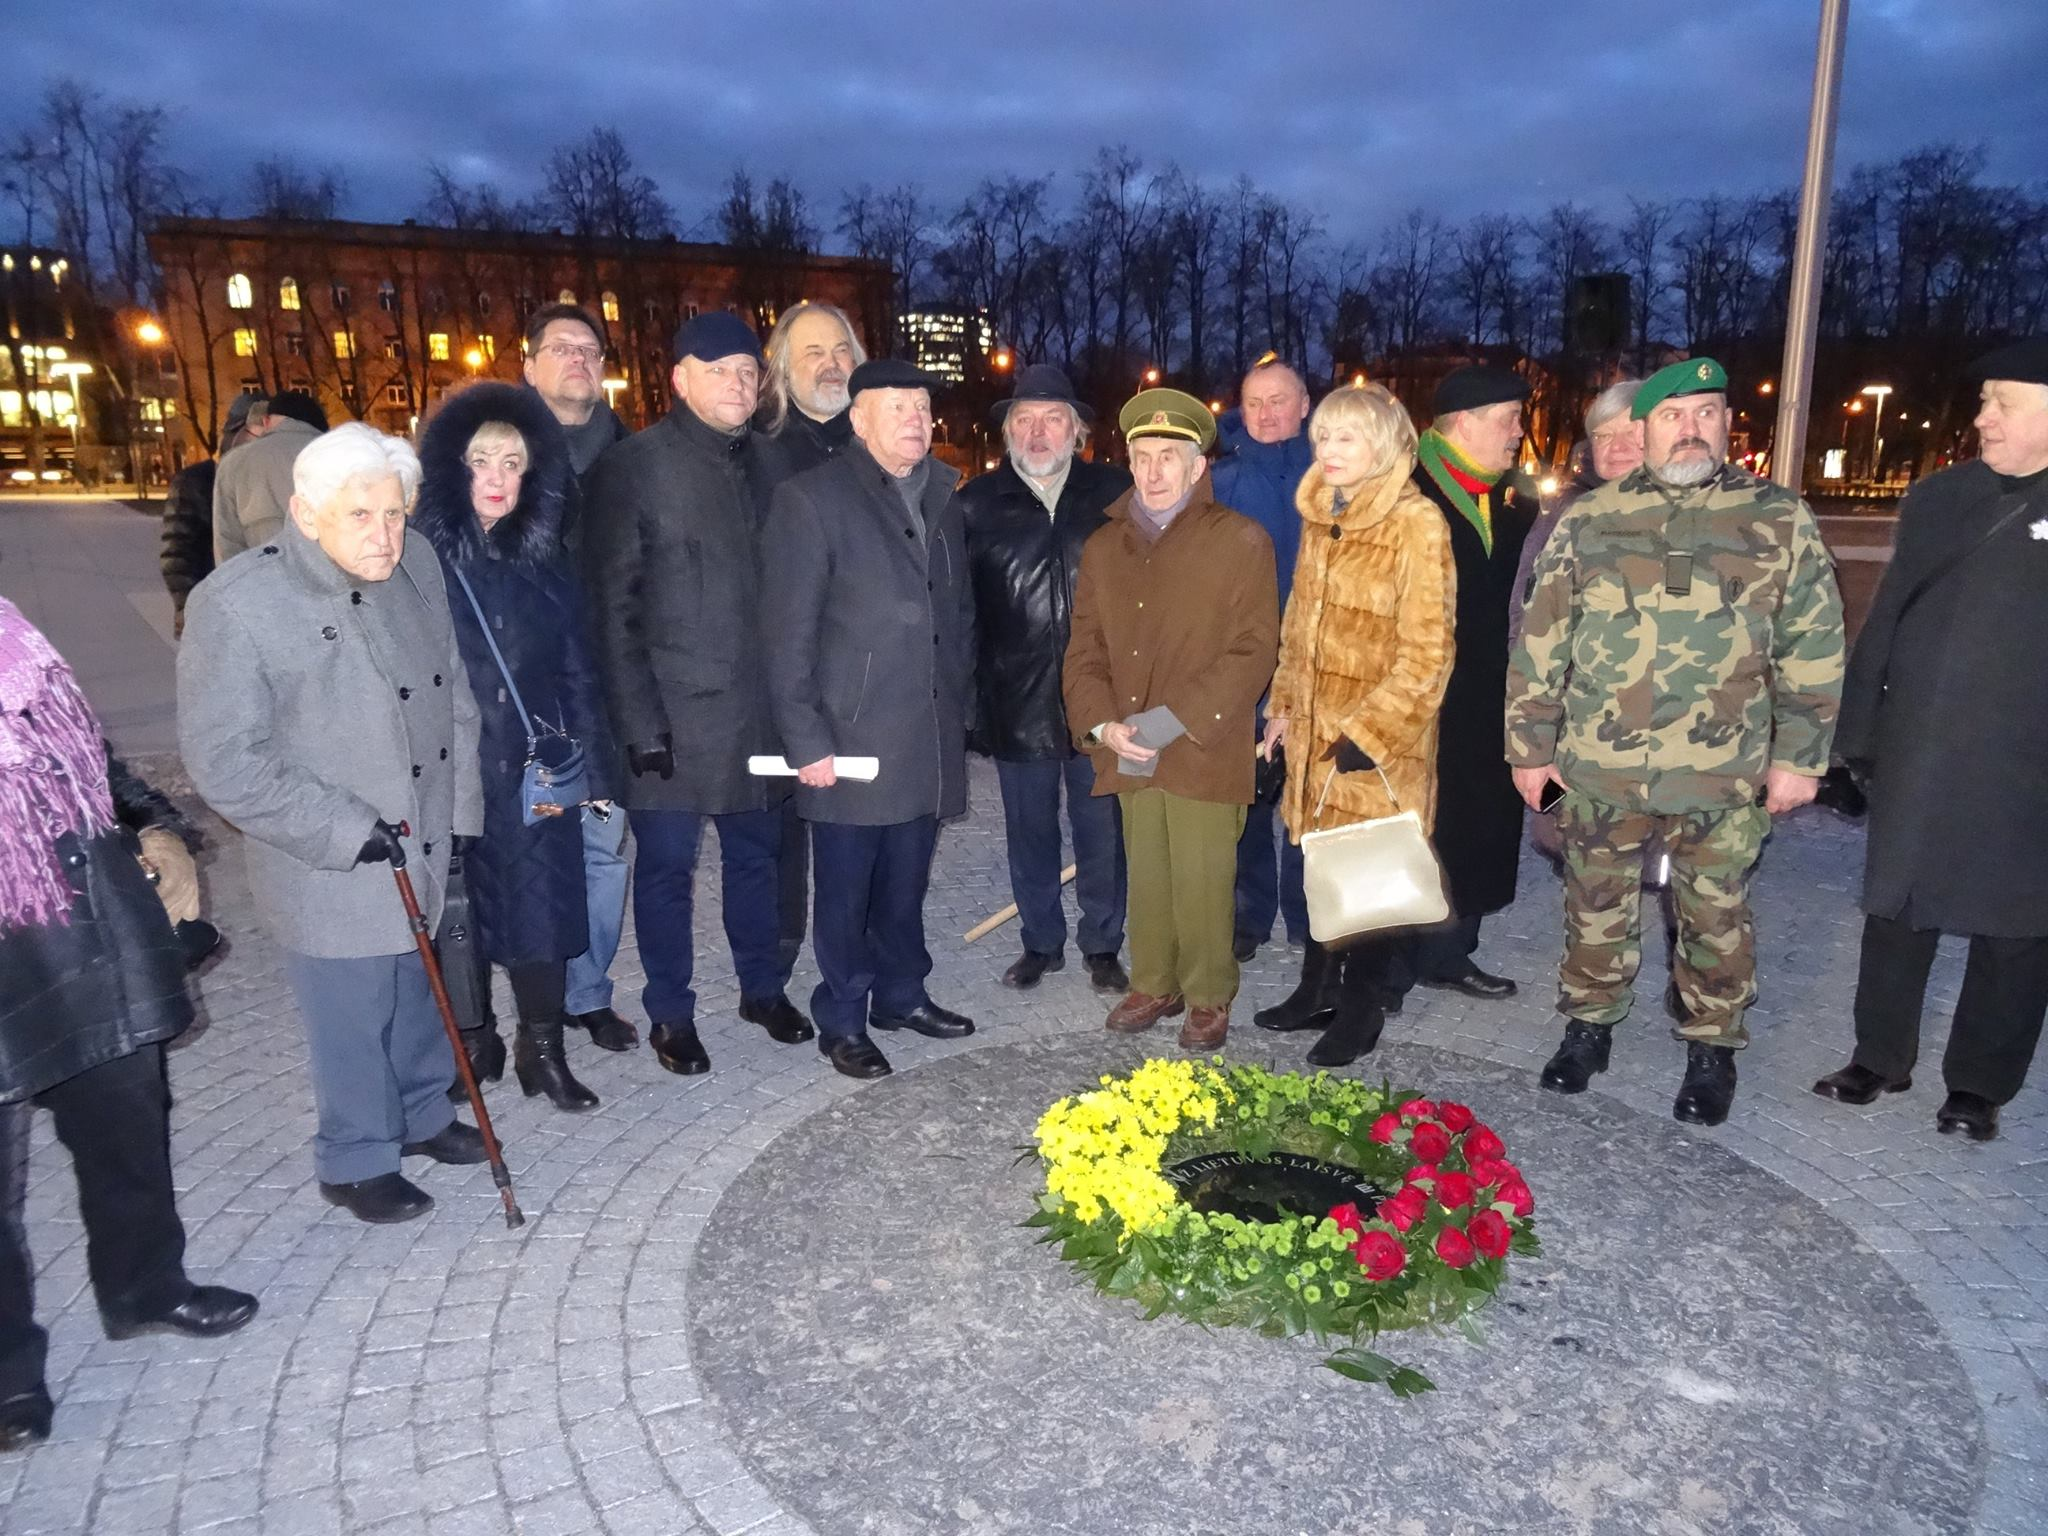 Prie įkastų šventenybių Lukiškių aikštėje | J. Buroko FB paskyros nuotr.